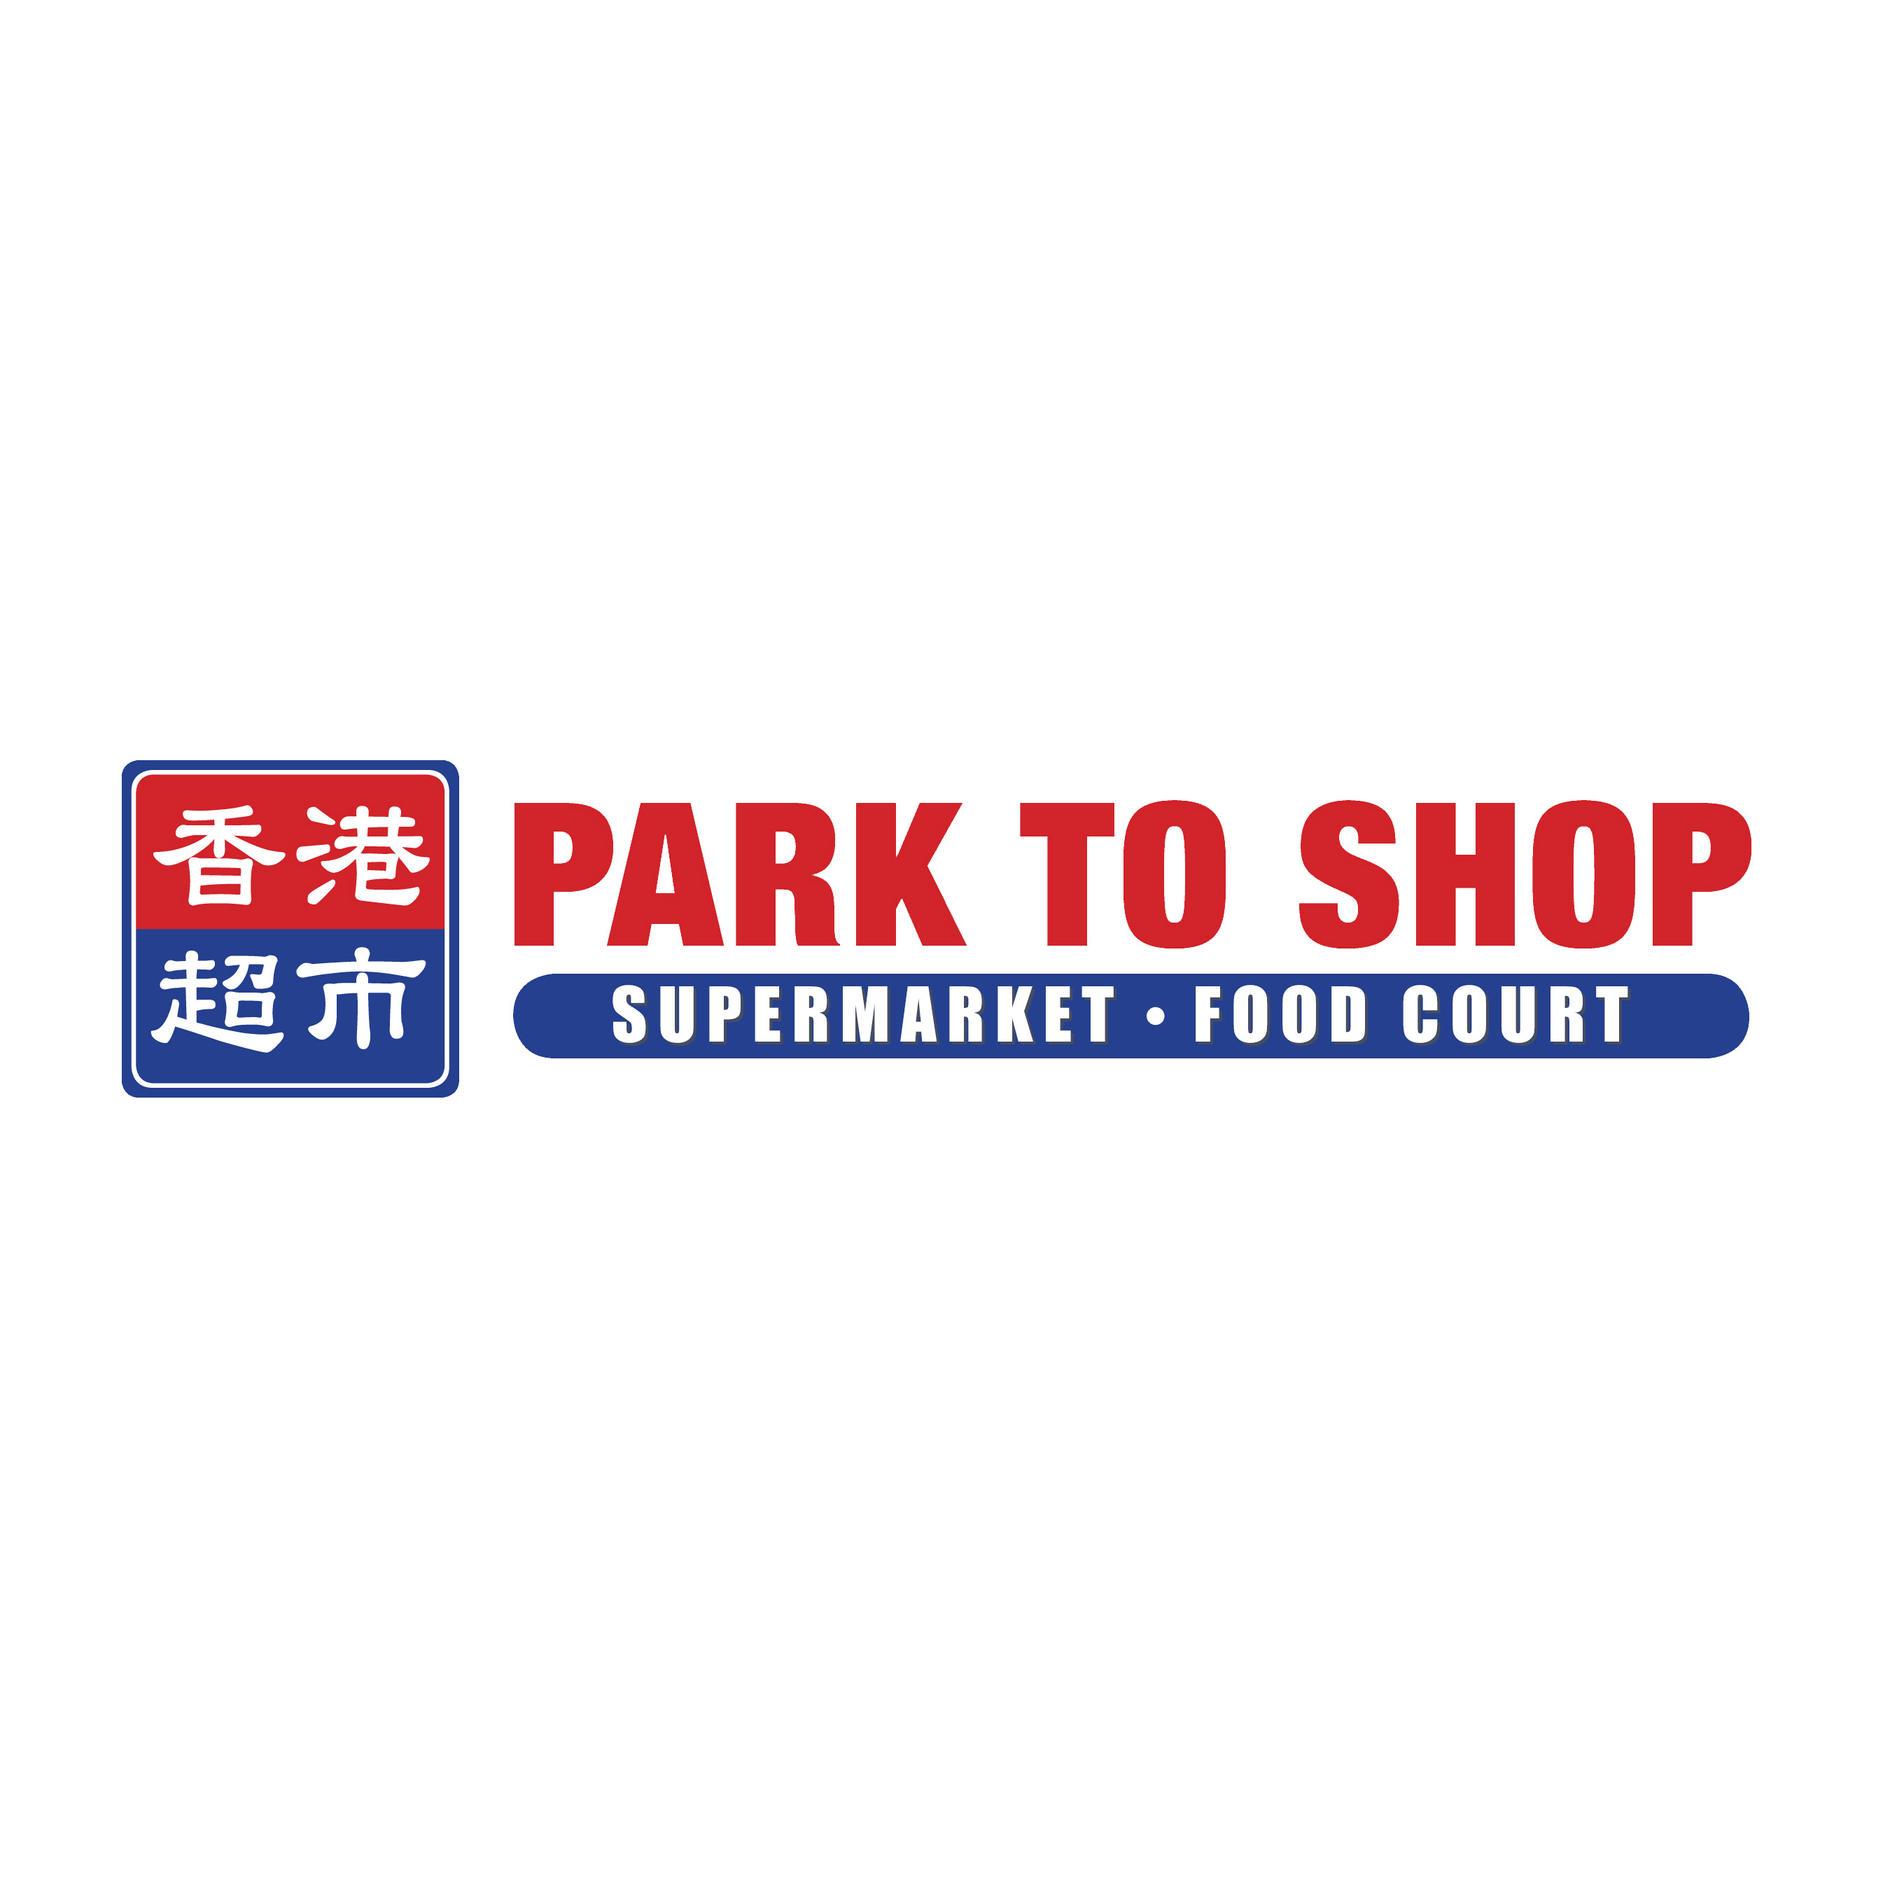 Park To Shop #4334